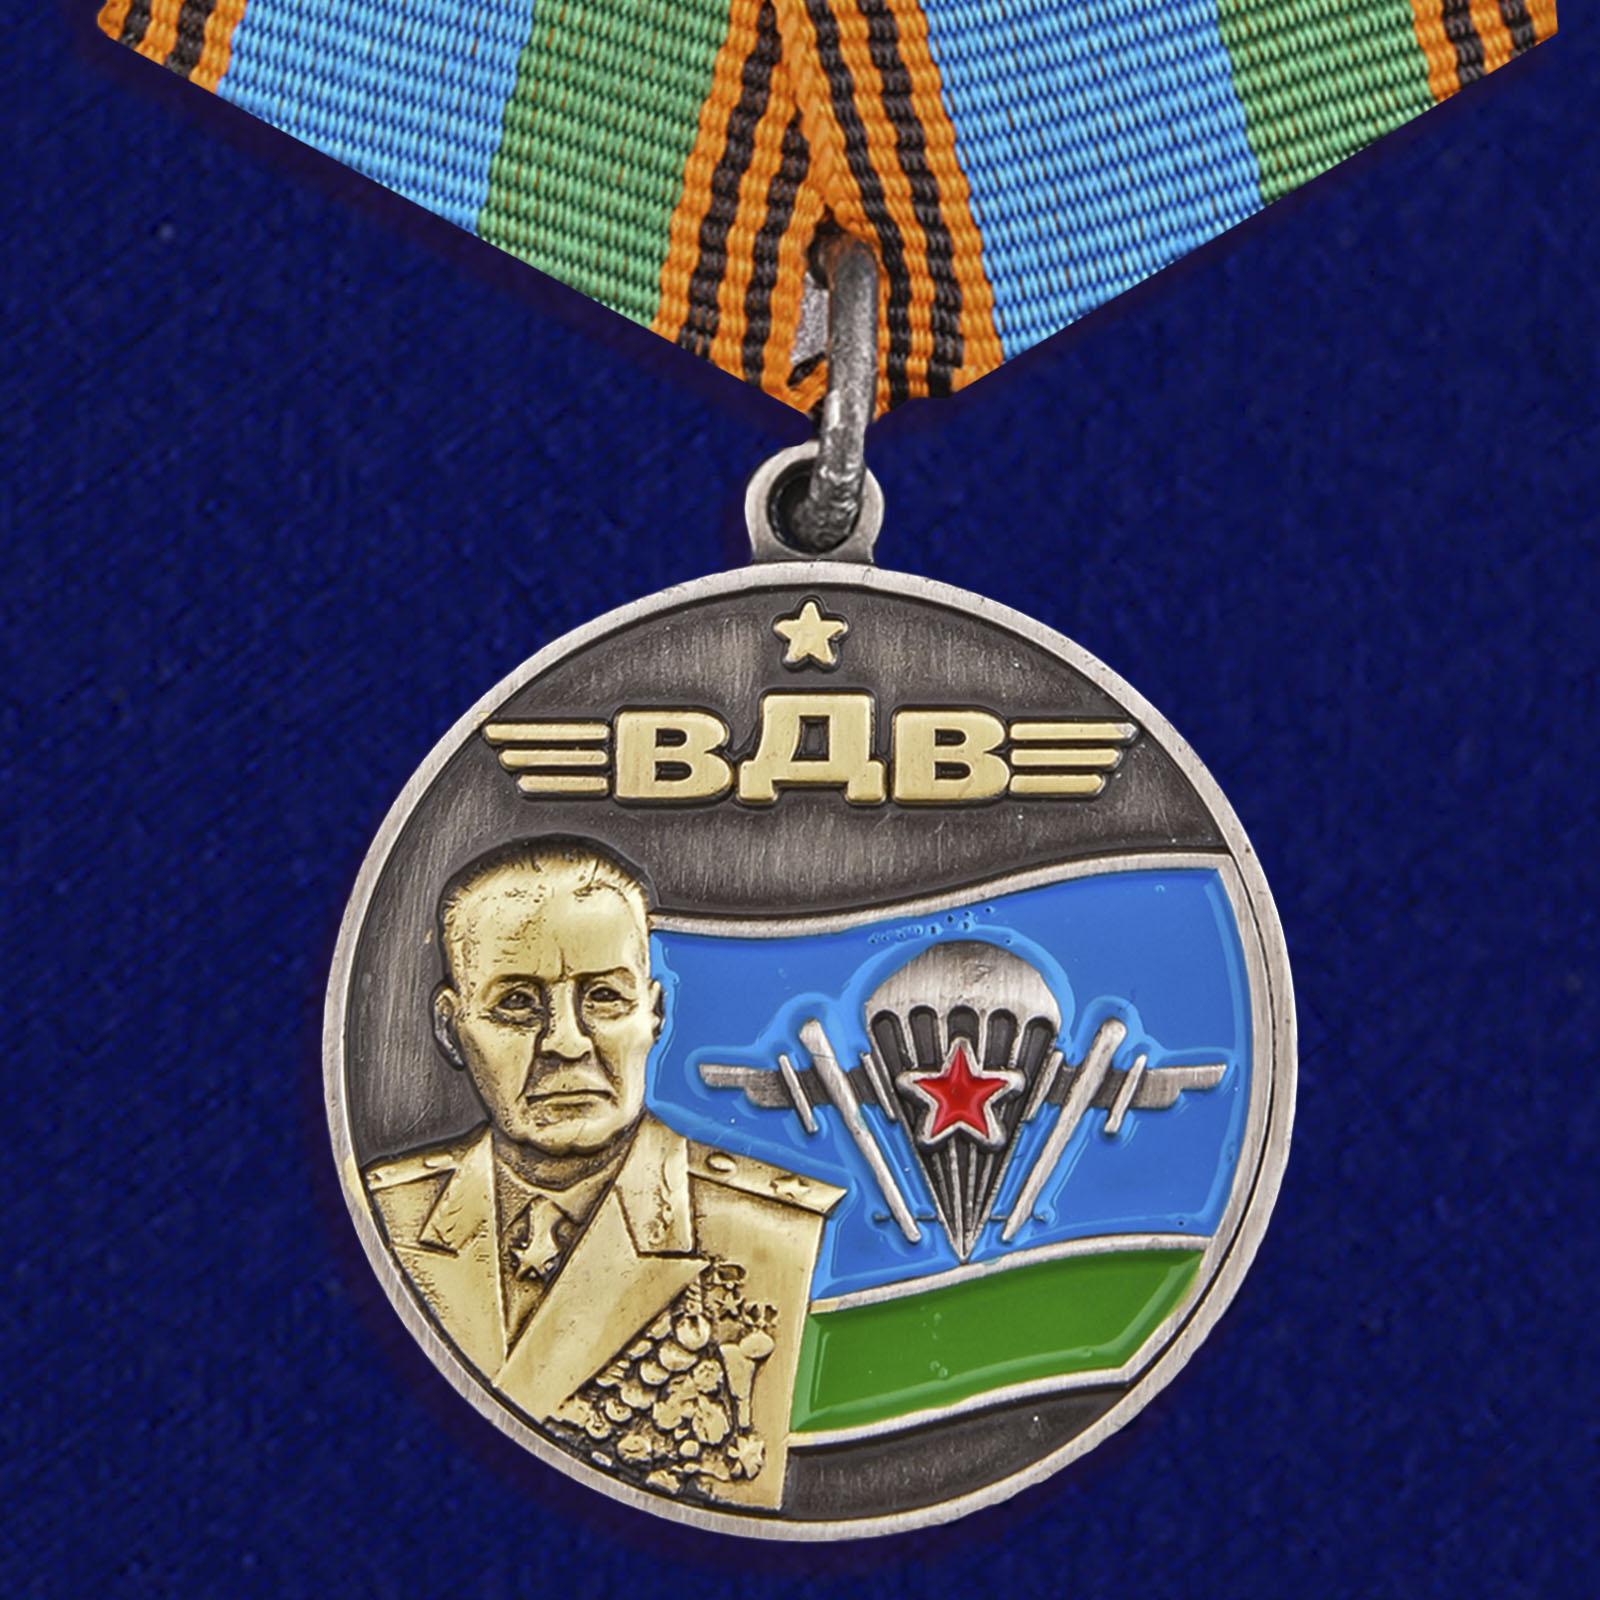 """Купить медаль """"Генерал армии Маргелов"""" в наградном футляре"""